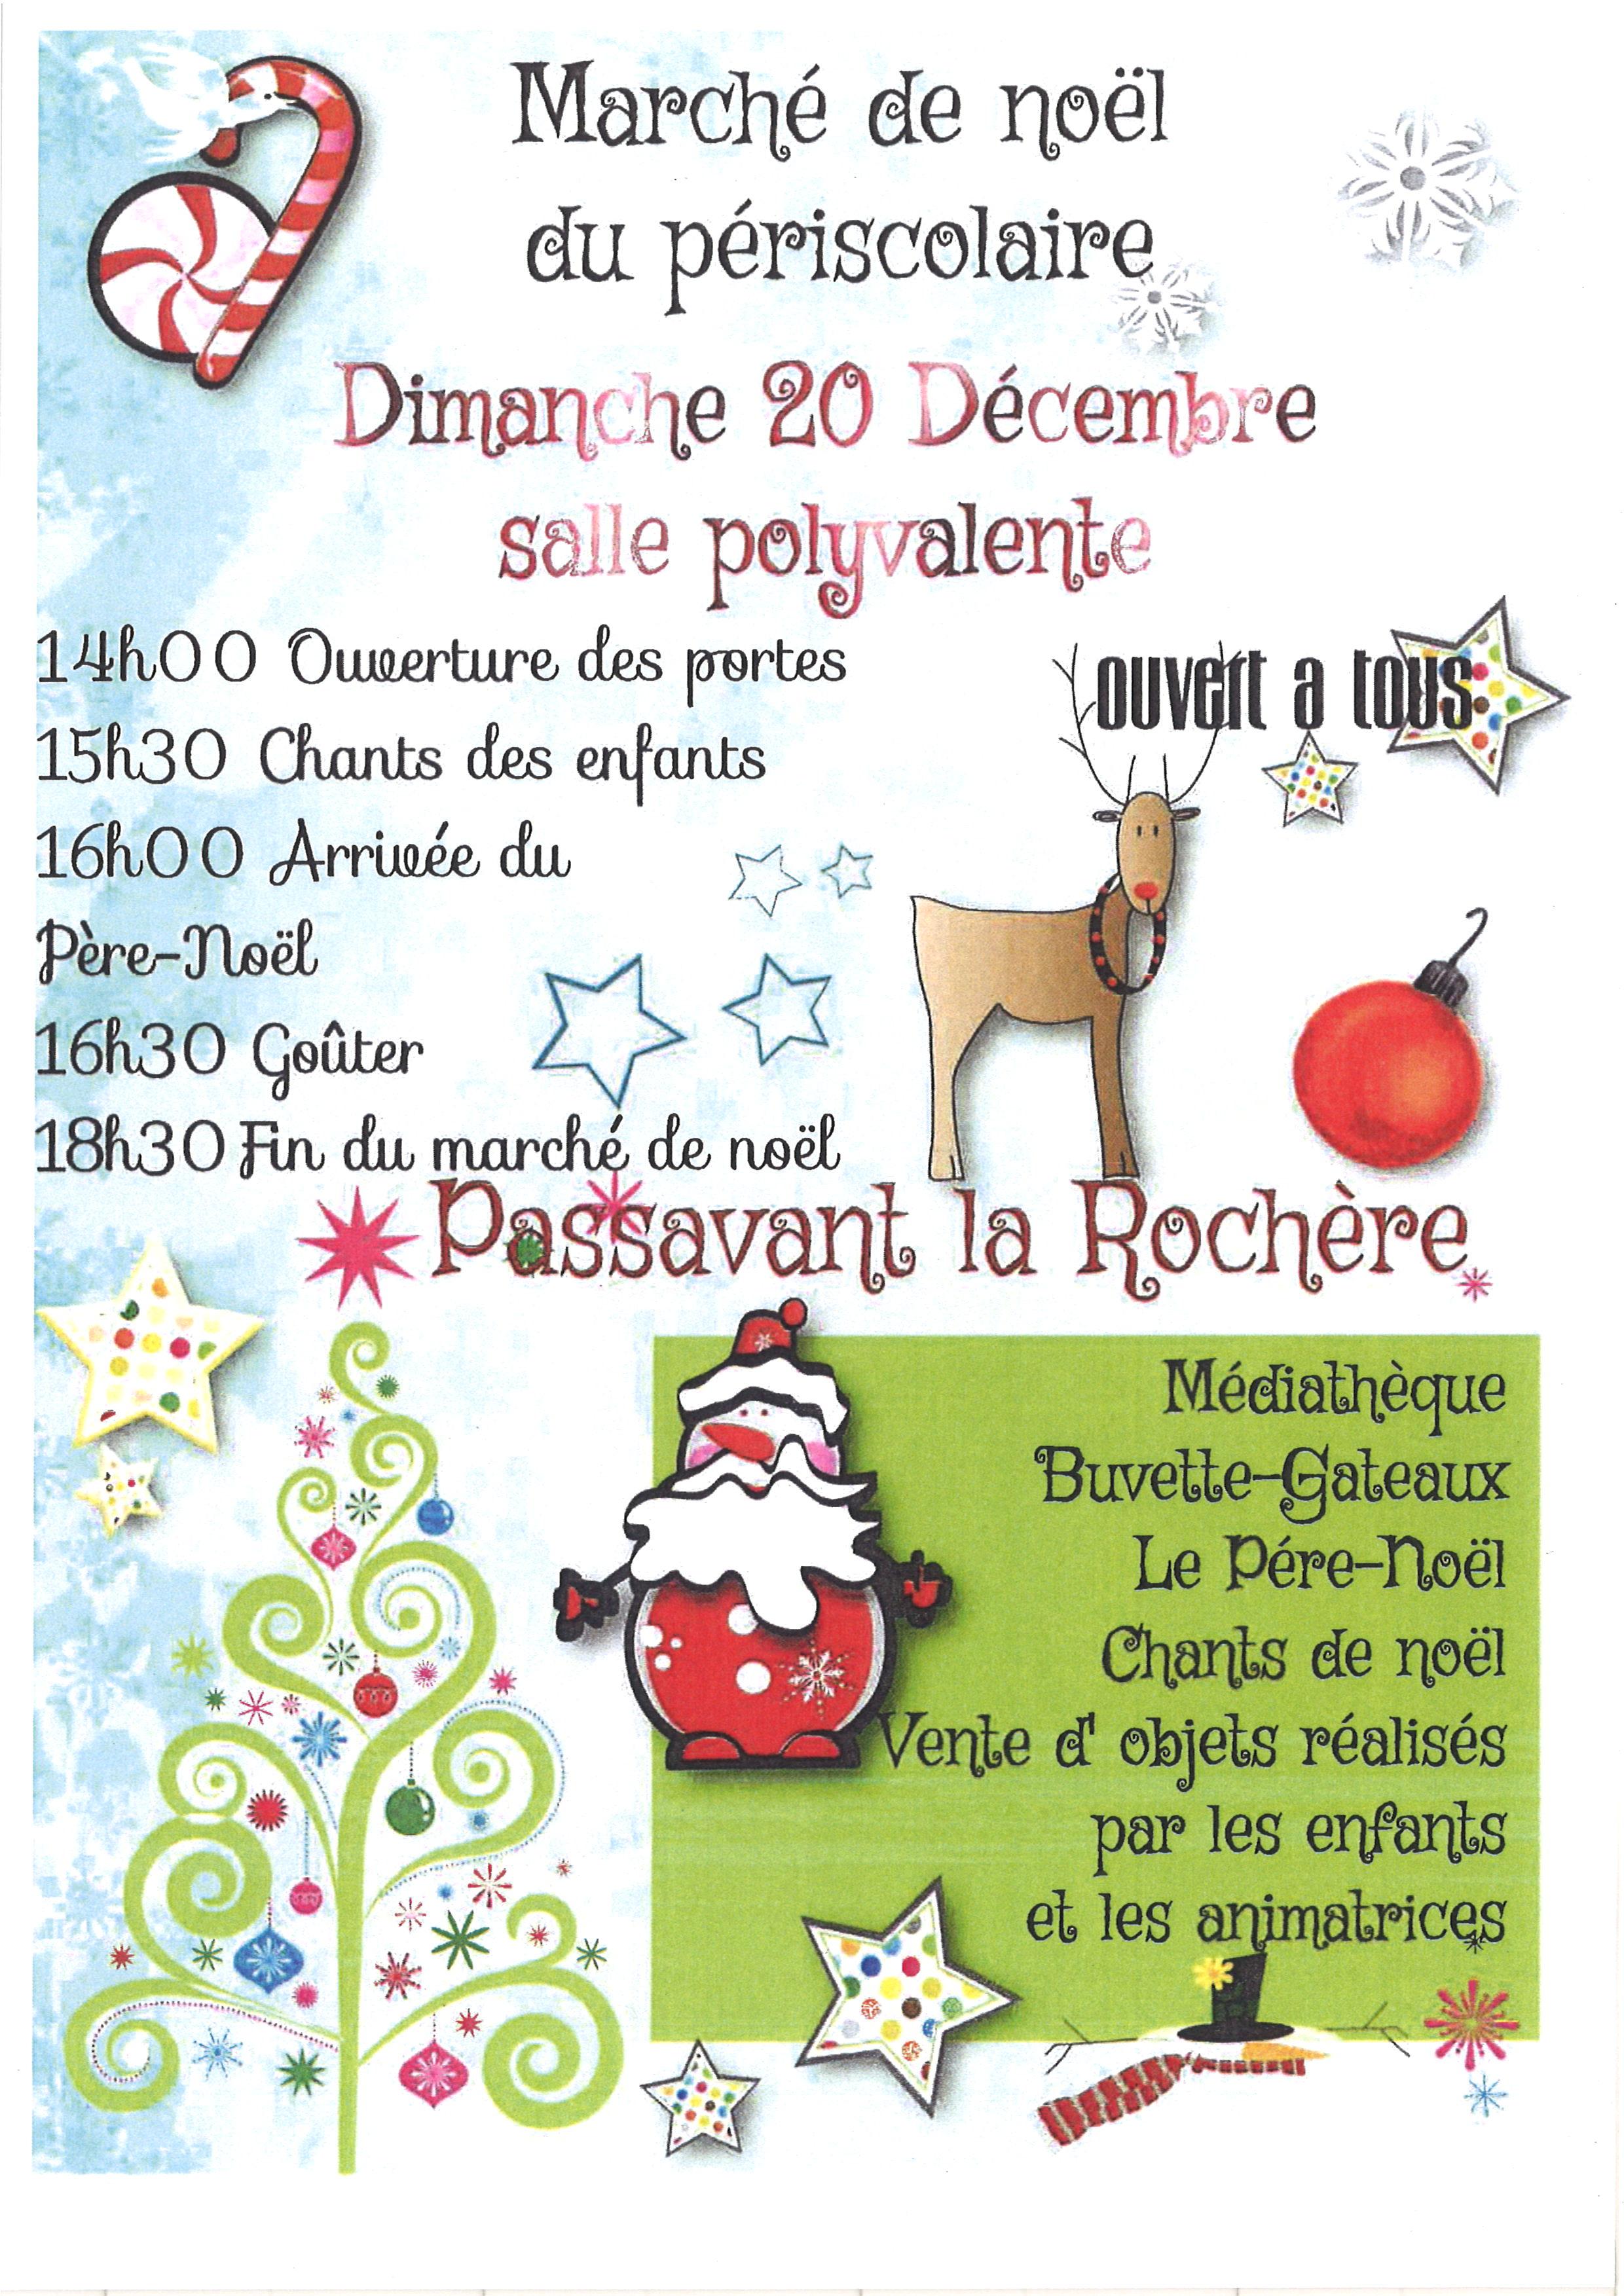 MARCHE-DE-NOEL-2015-PASSAVANT